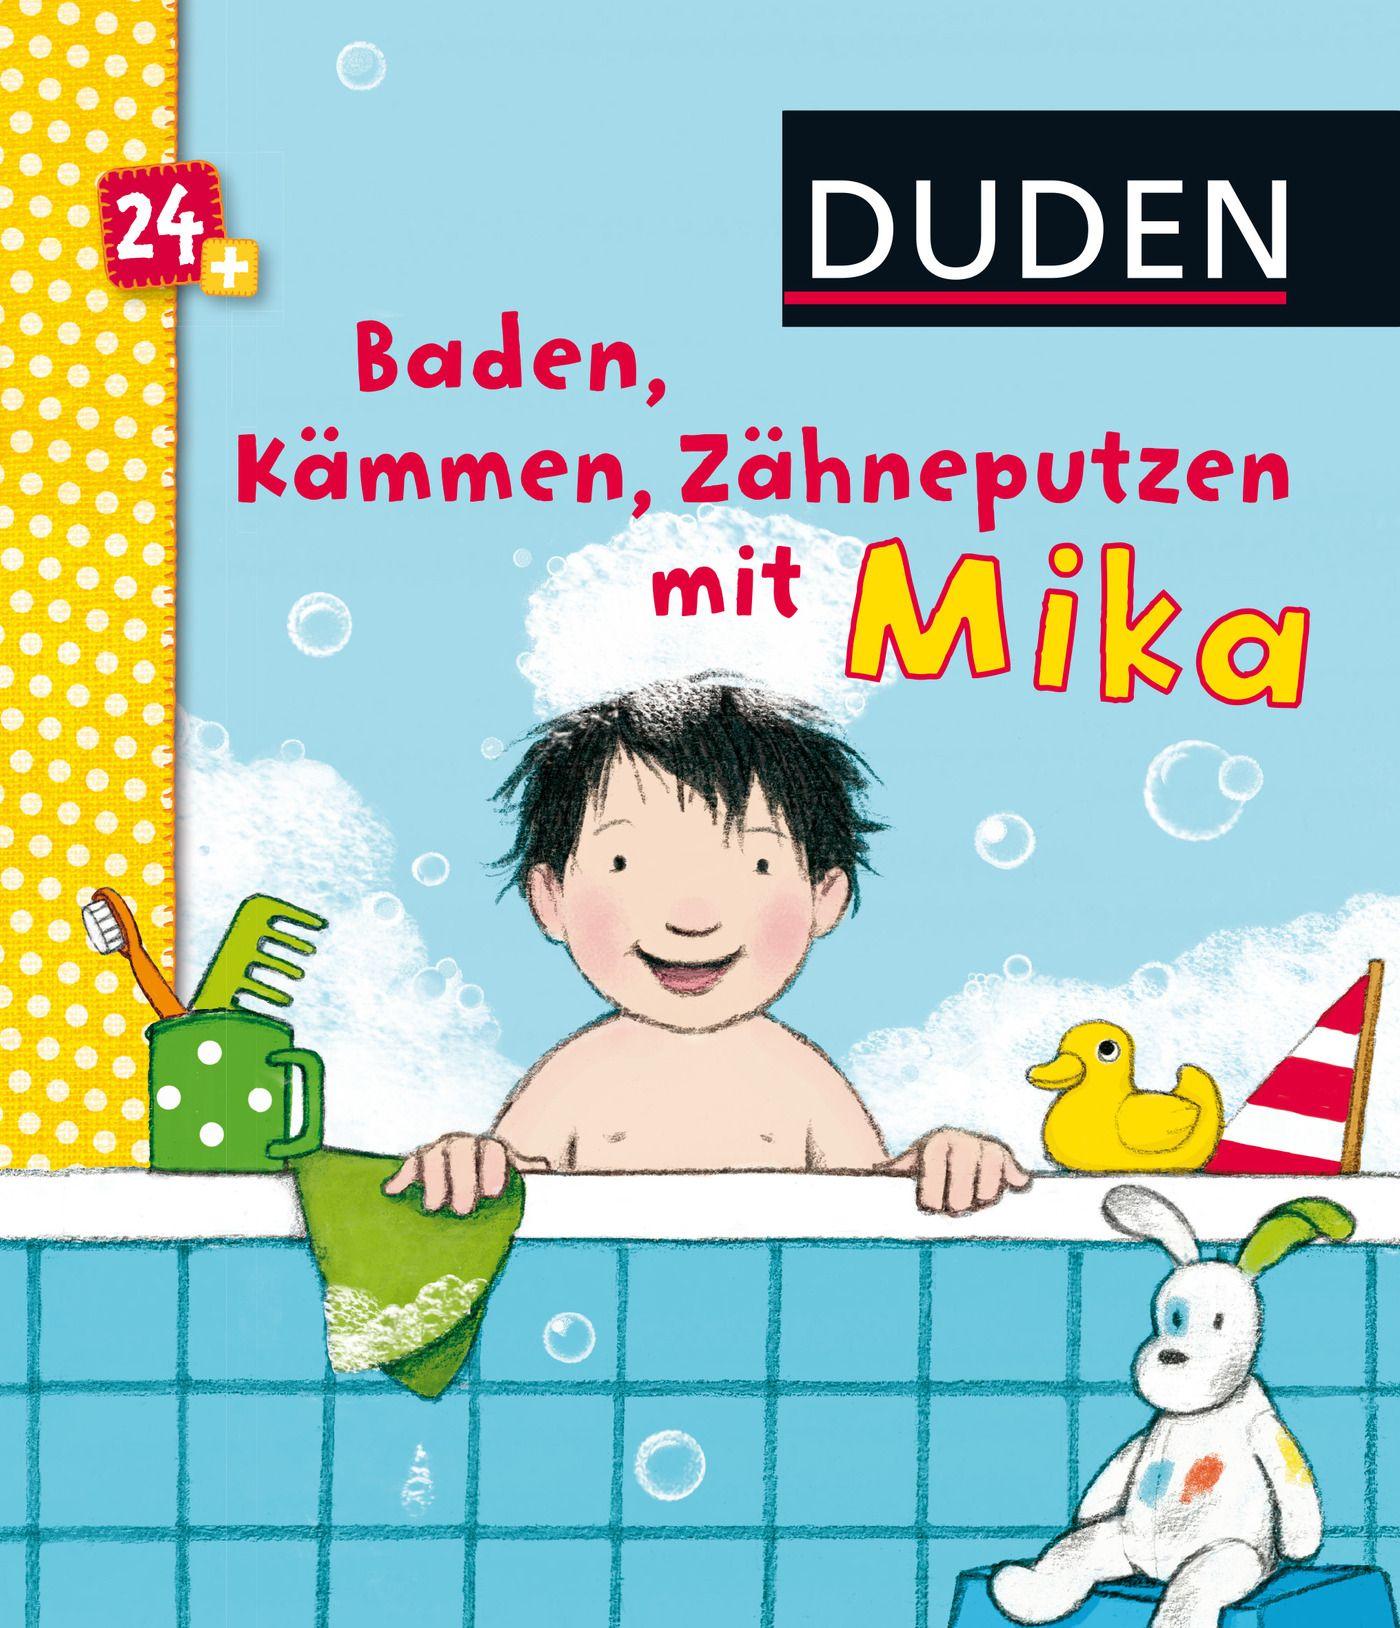 Duden 24+ Baden, Kämmen, Zähneputzen mit Mika von Bußhoff  -> Waschmaschine Duden